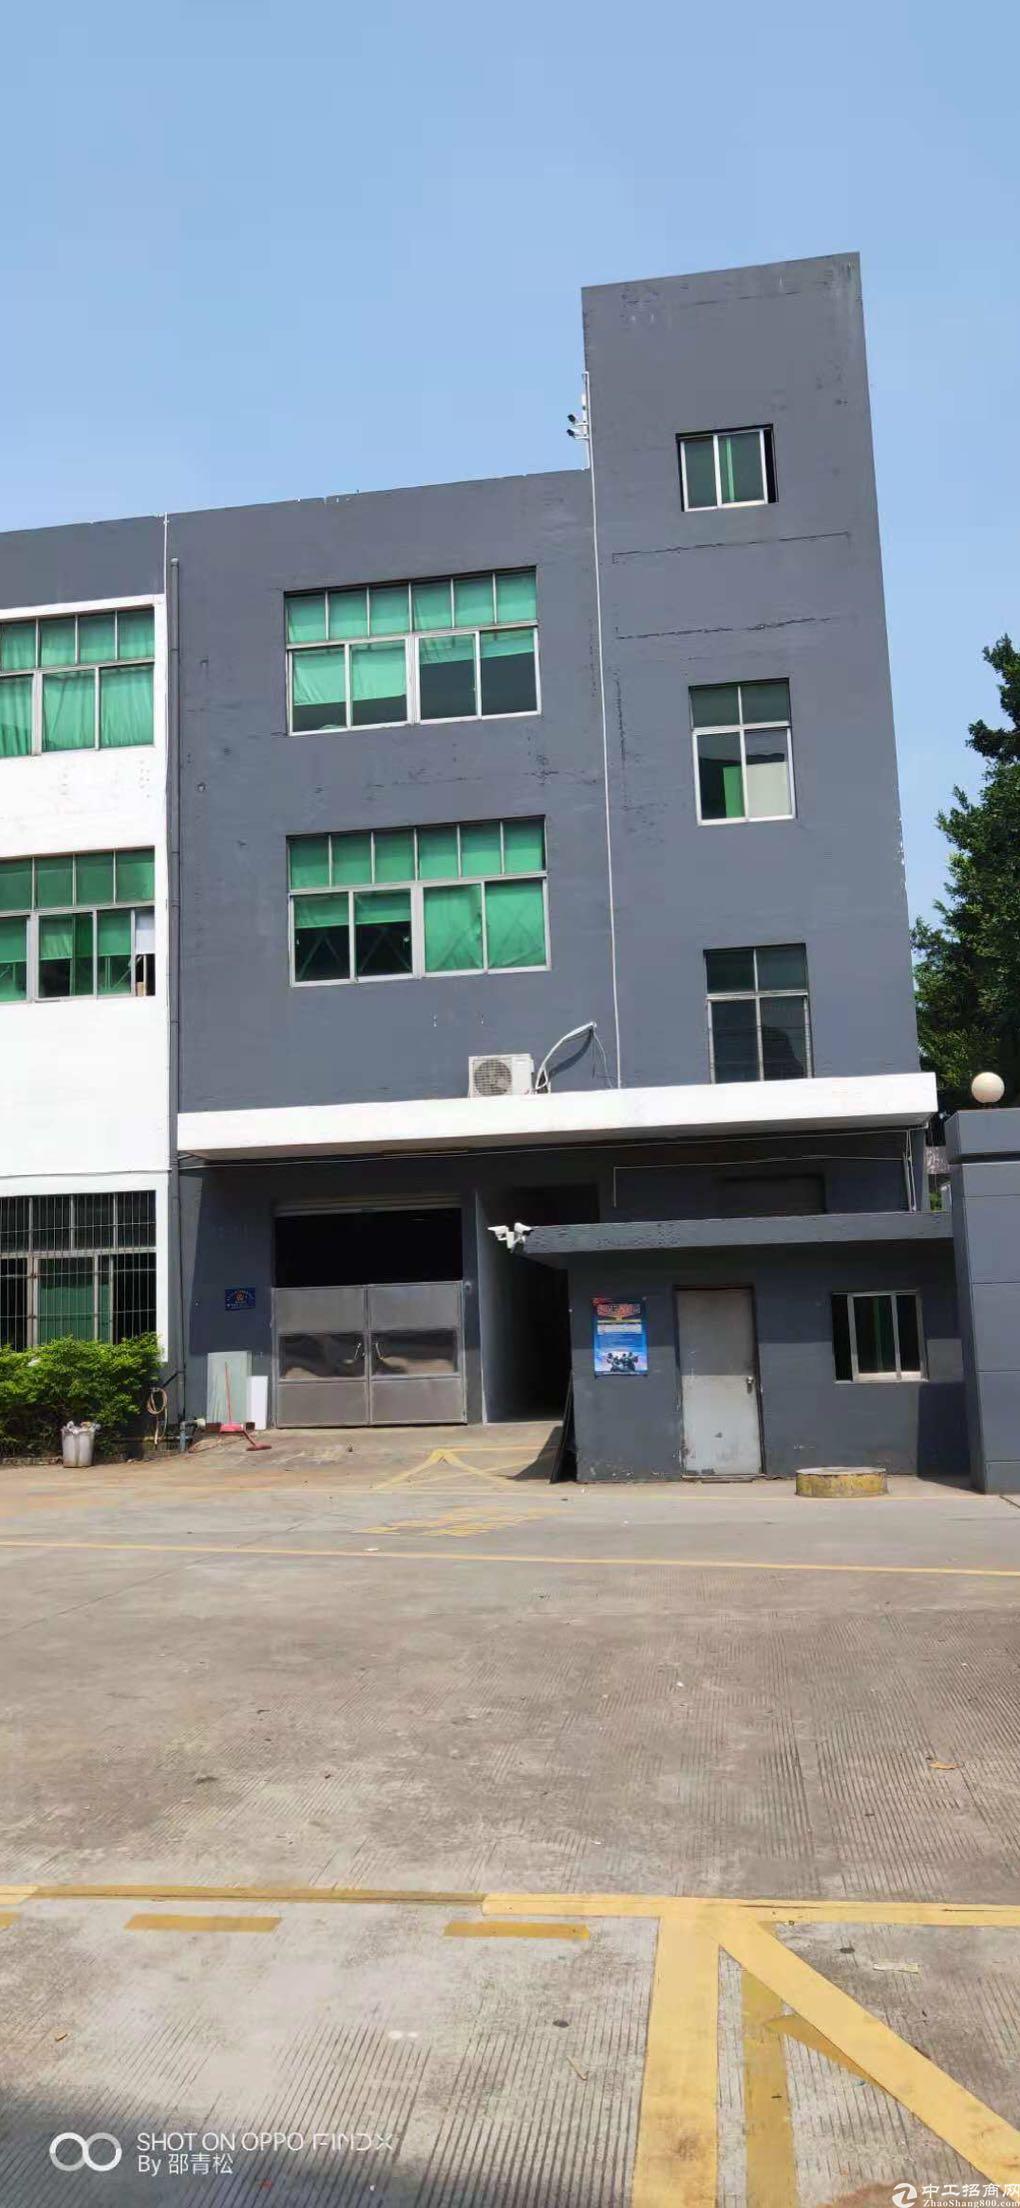 松岗x新出一楼标准厂房